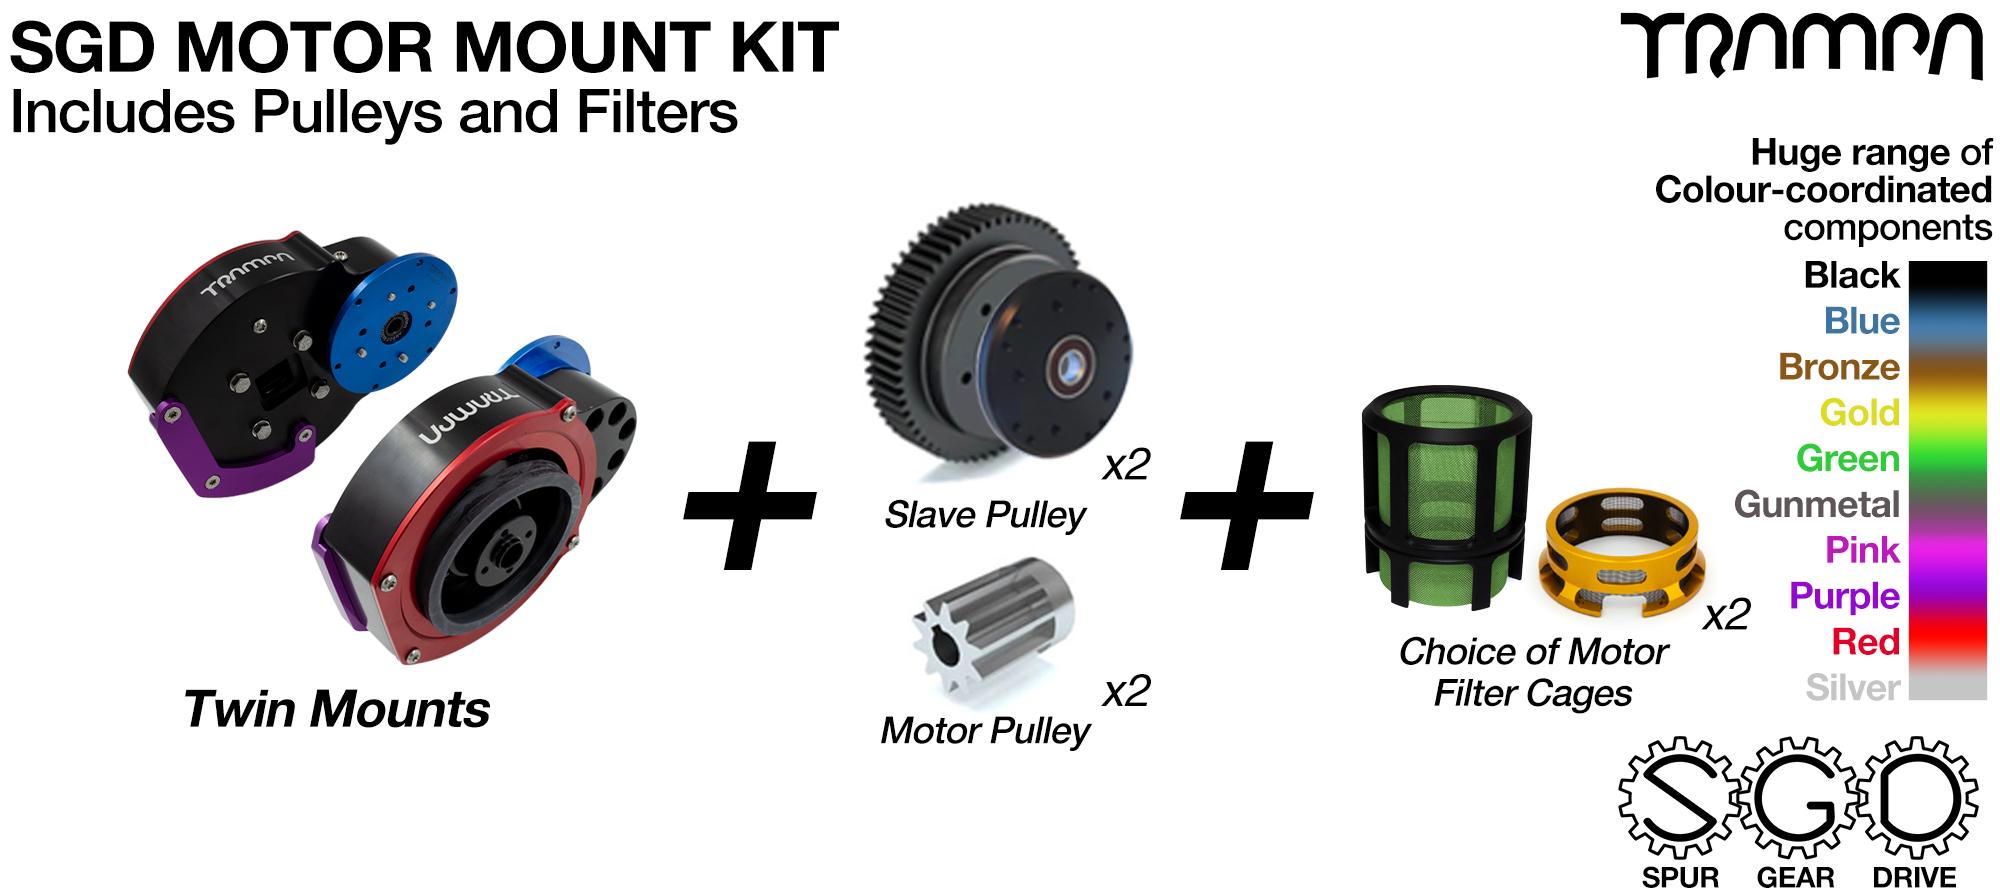 Mountainboard Spur Gear Drive TWIN Motor Mount